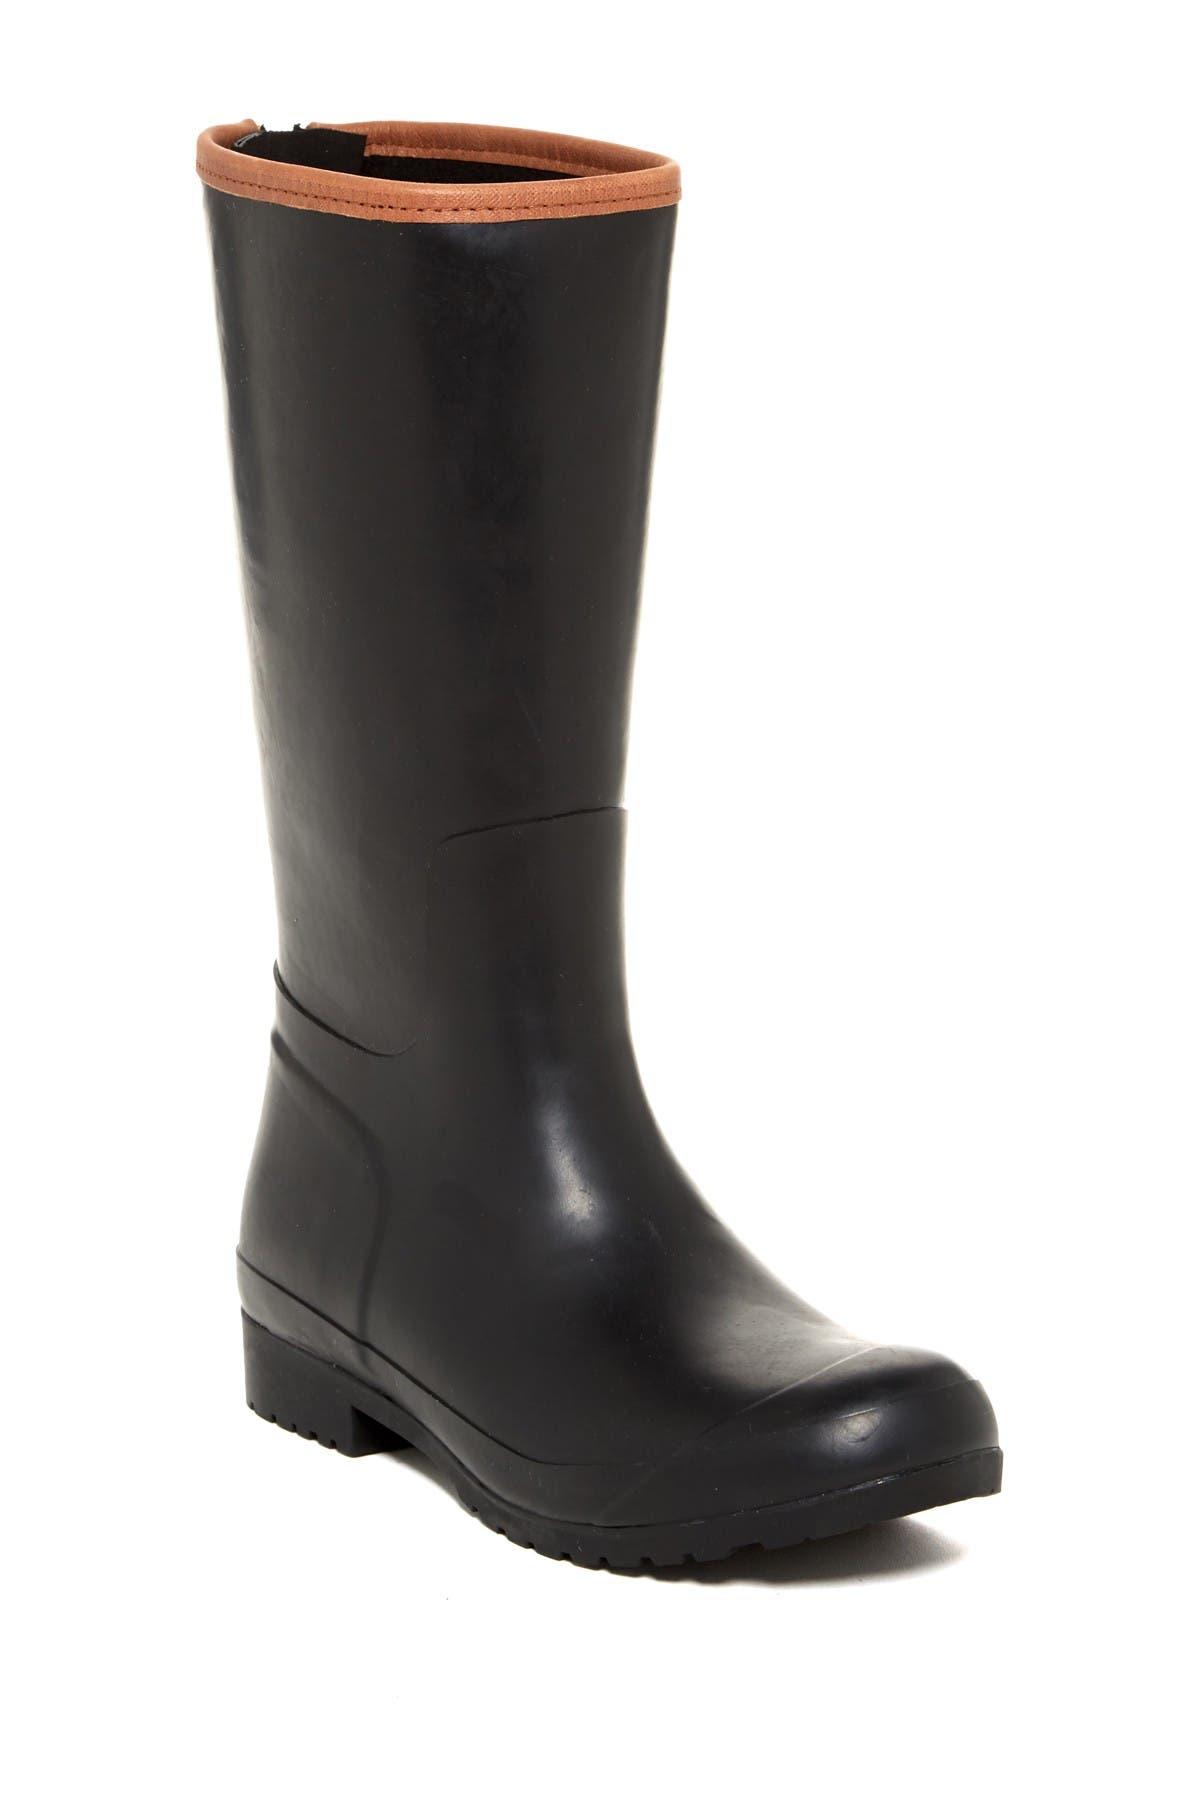 Walker Mist Waterproof Rain Boot